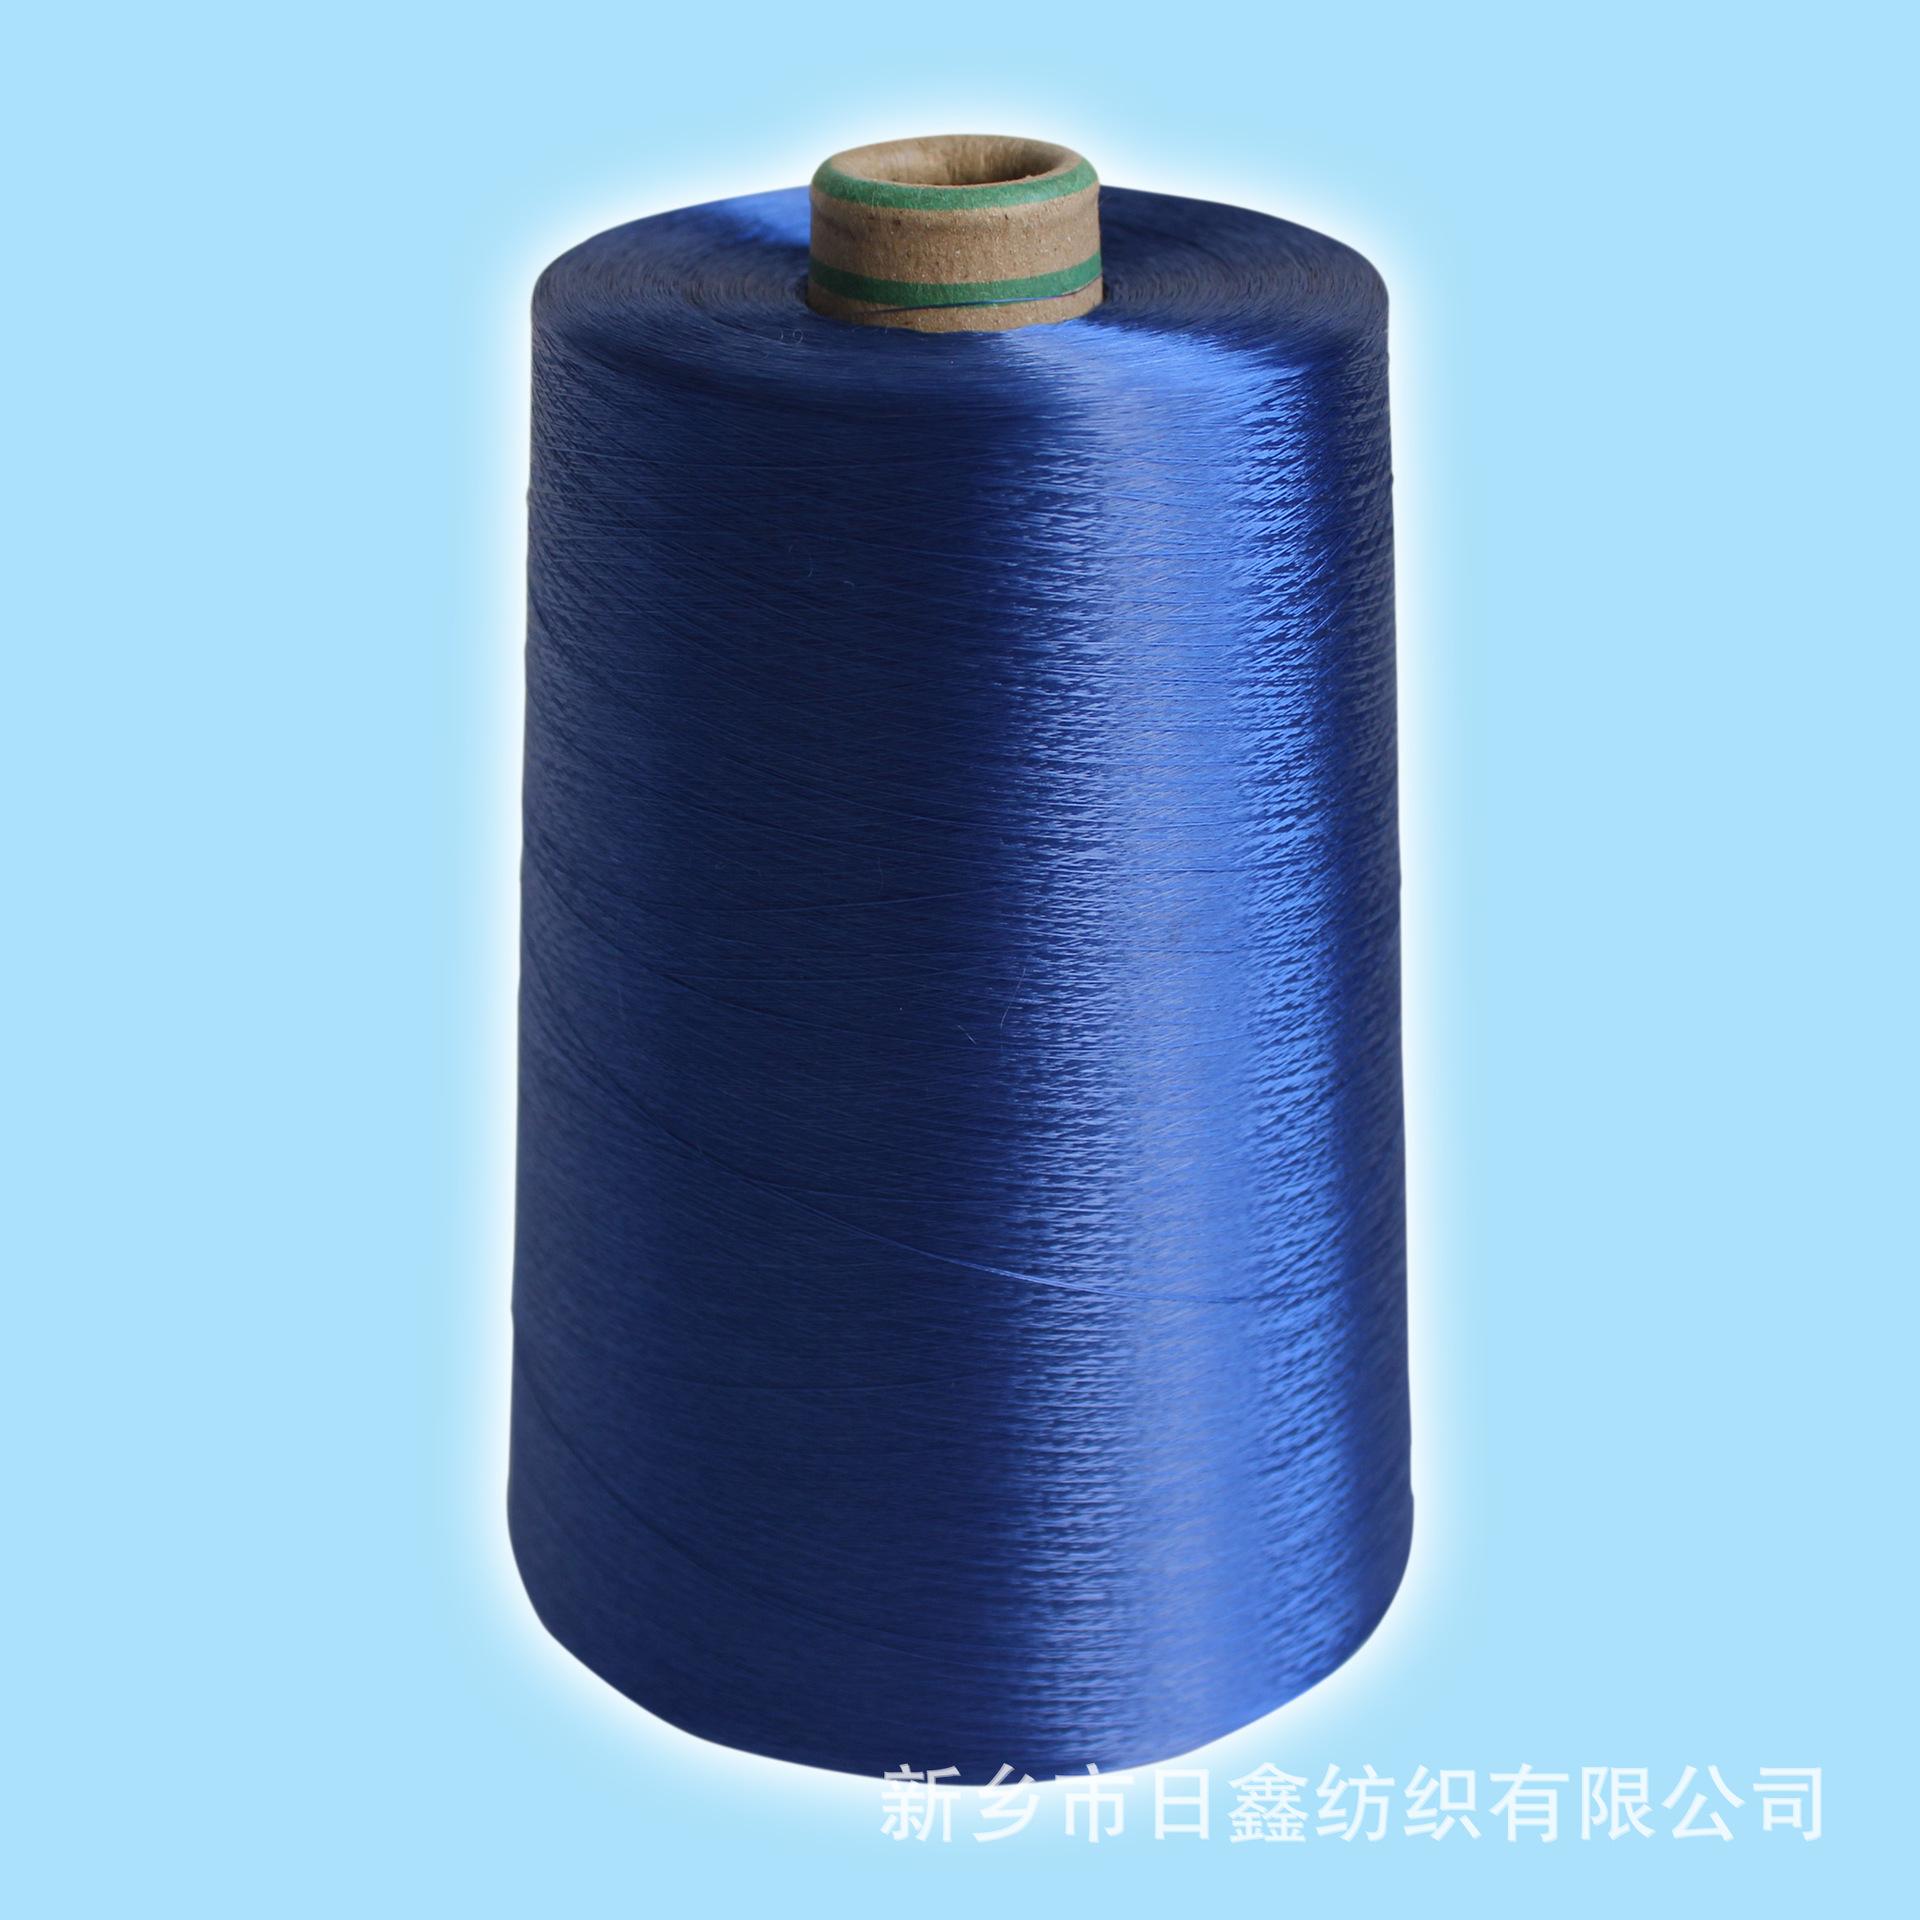 蓝色人造丝1副本